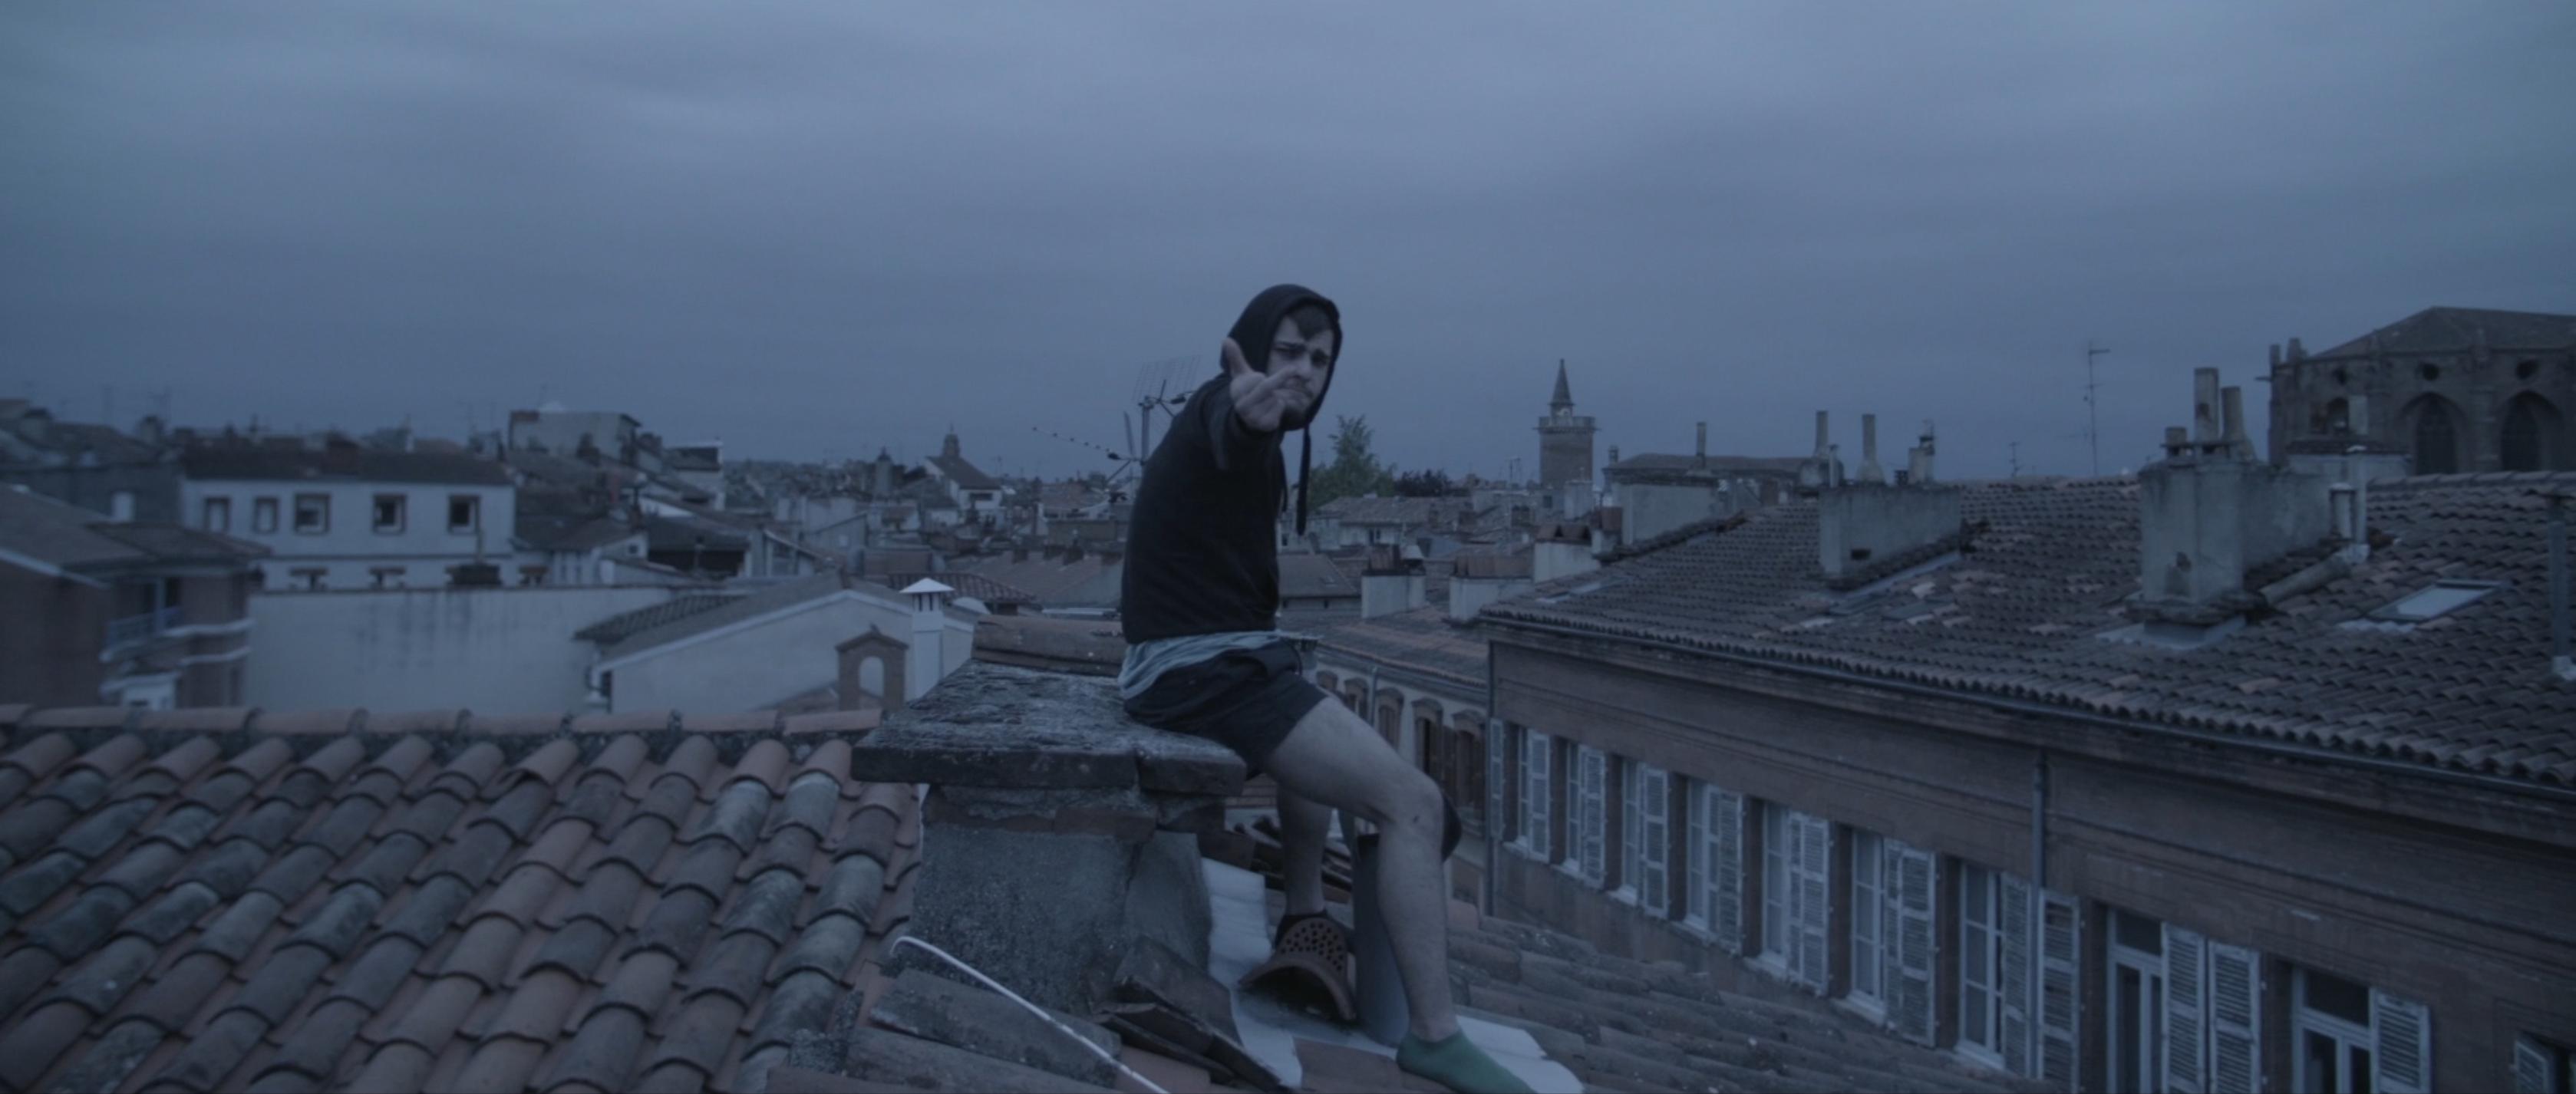 comédien jeune sur un toit